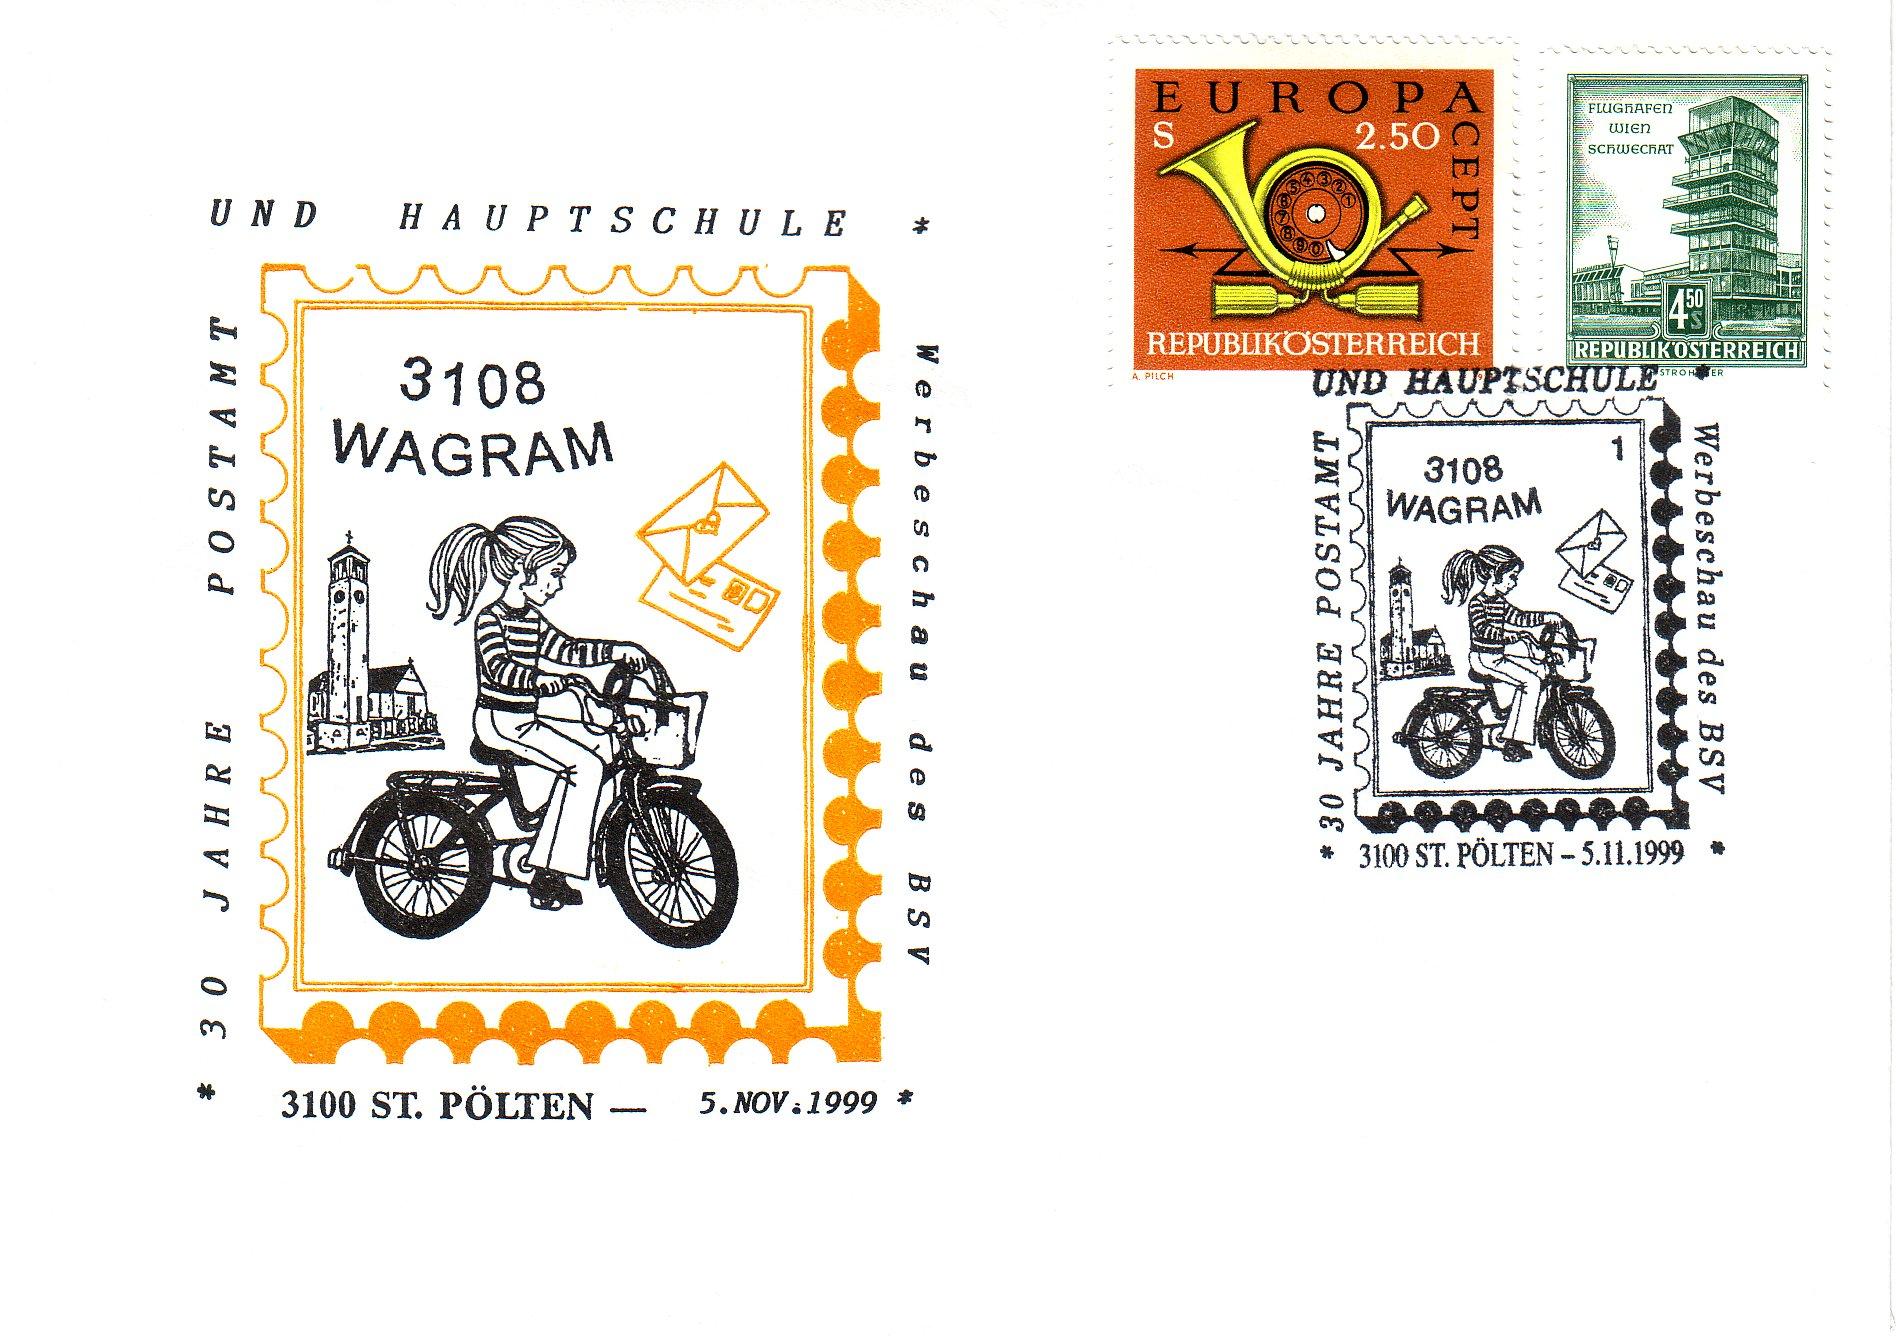 1999 1.-EUR 30 J. Postamt Wagram